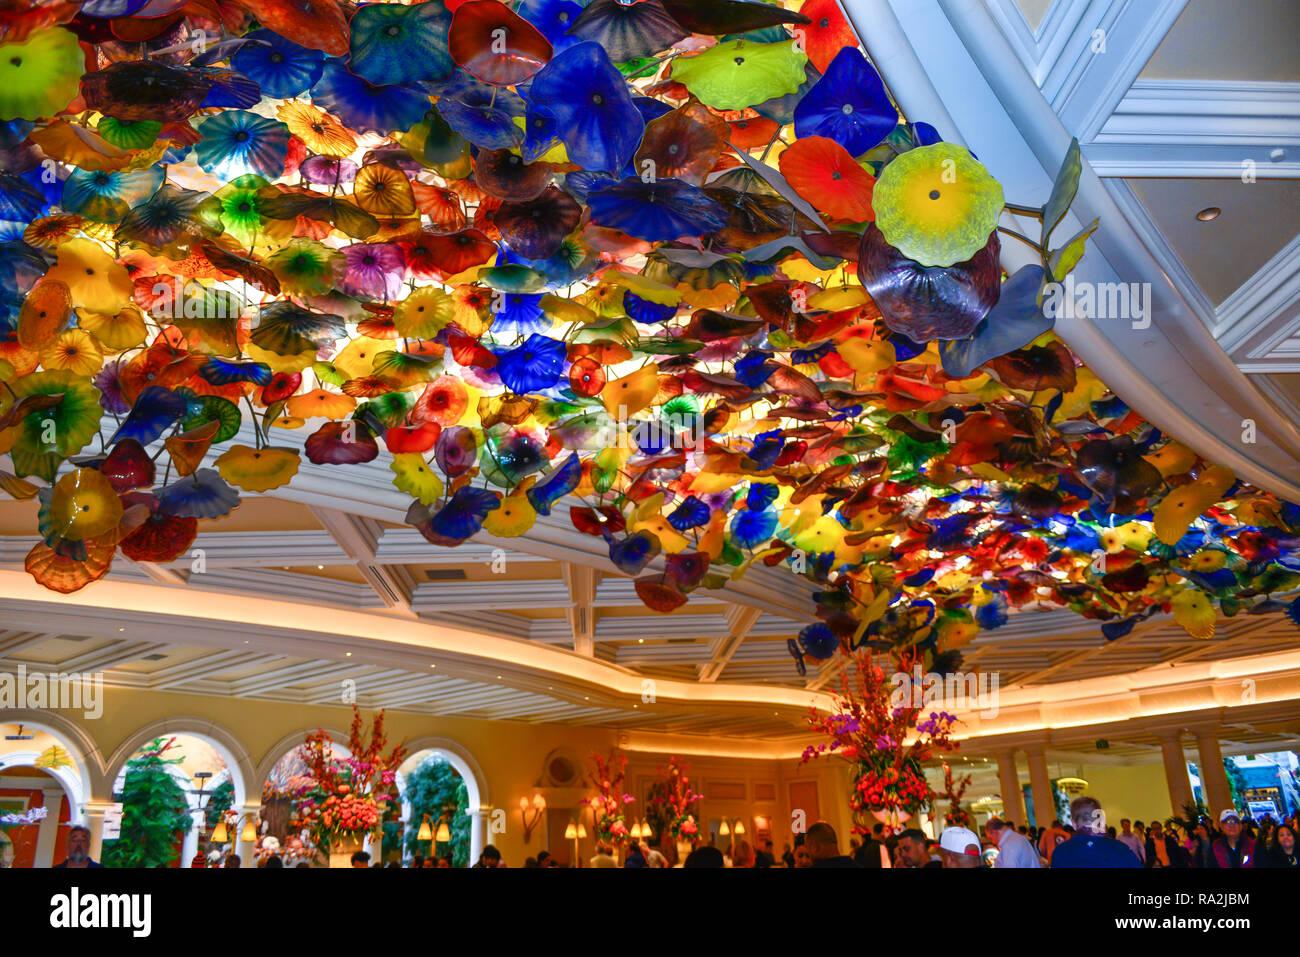 Decke mit Dale Chihuly bunte Glas Skulptur von thousdands ...